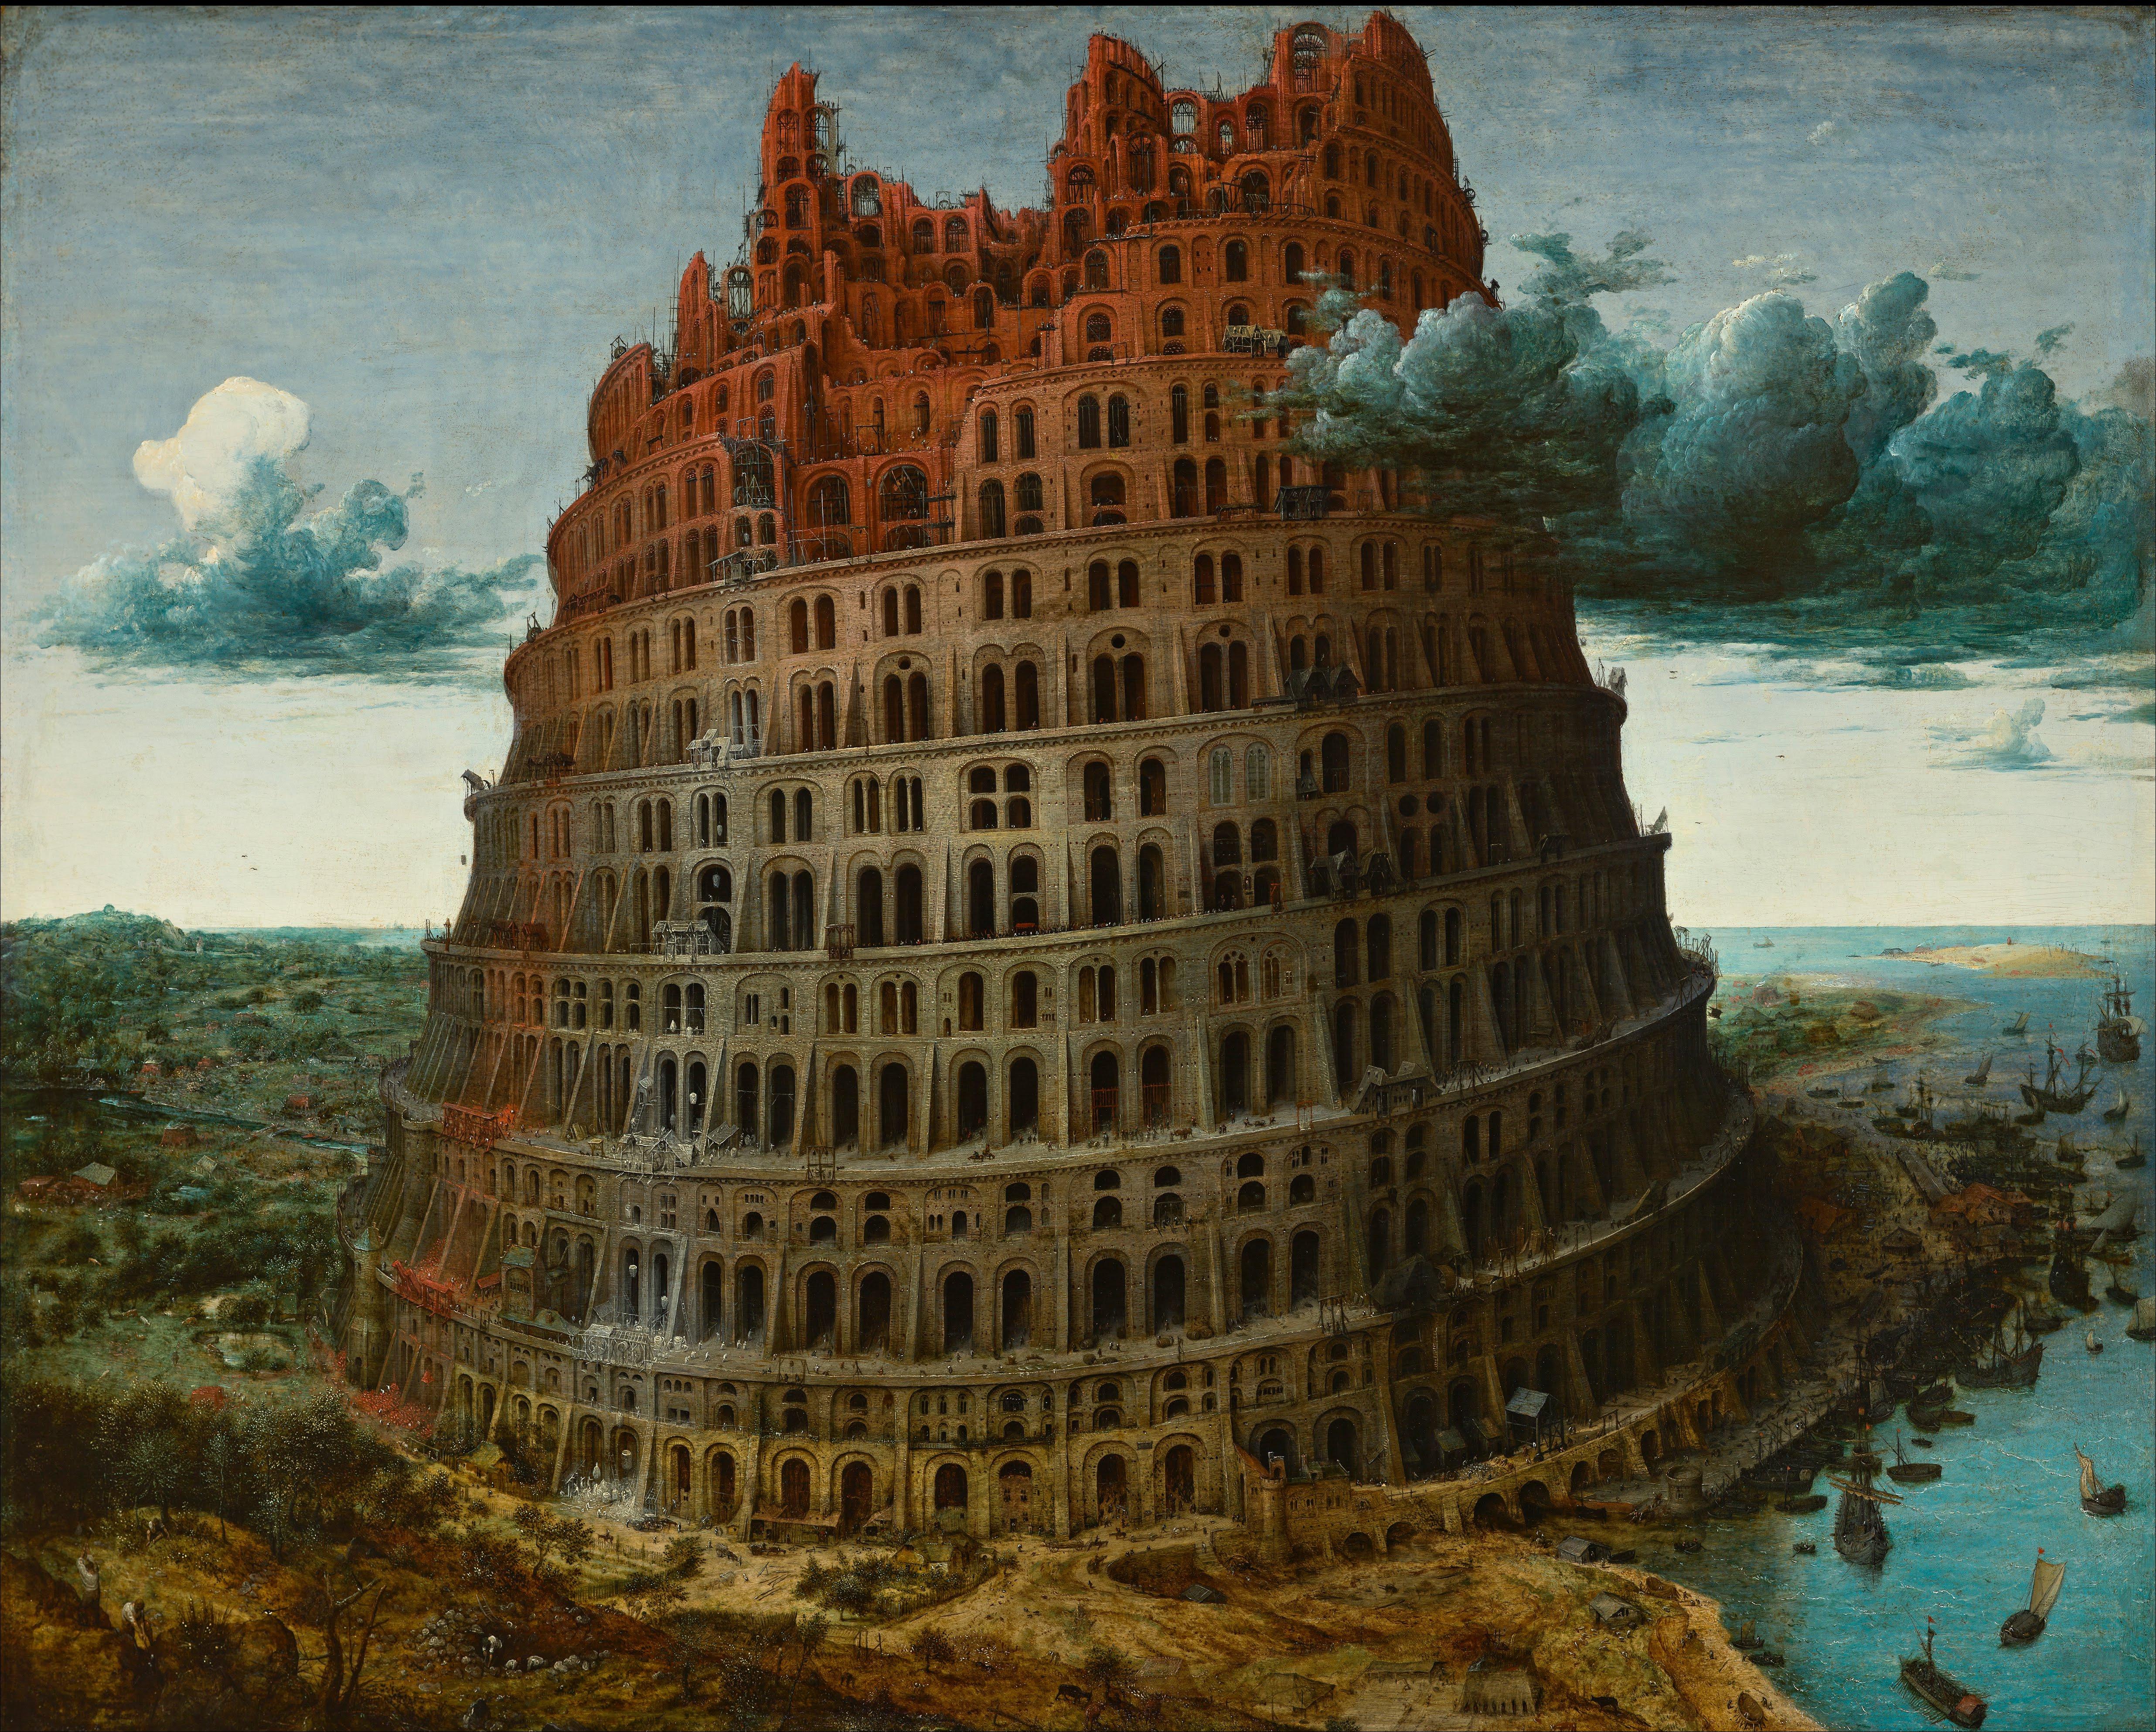 Pieter_Bruegel_the_Elder_-_The_Tower_of_Babel_(Rotterdam)_-_Google_Art_Project